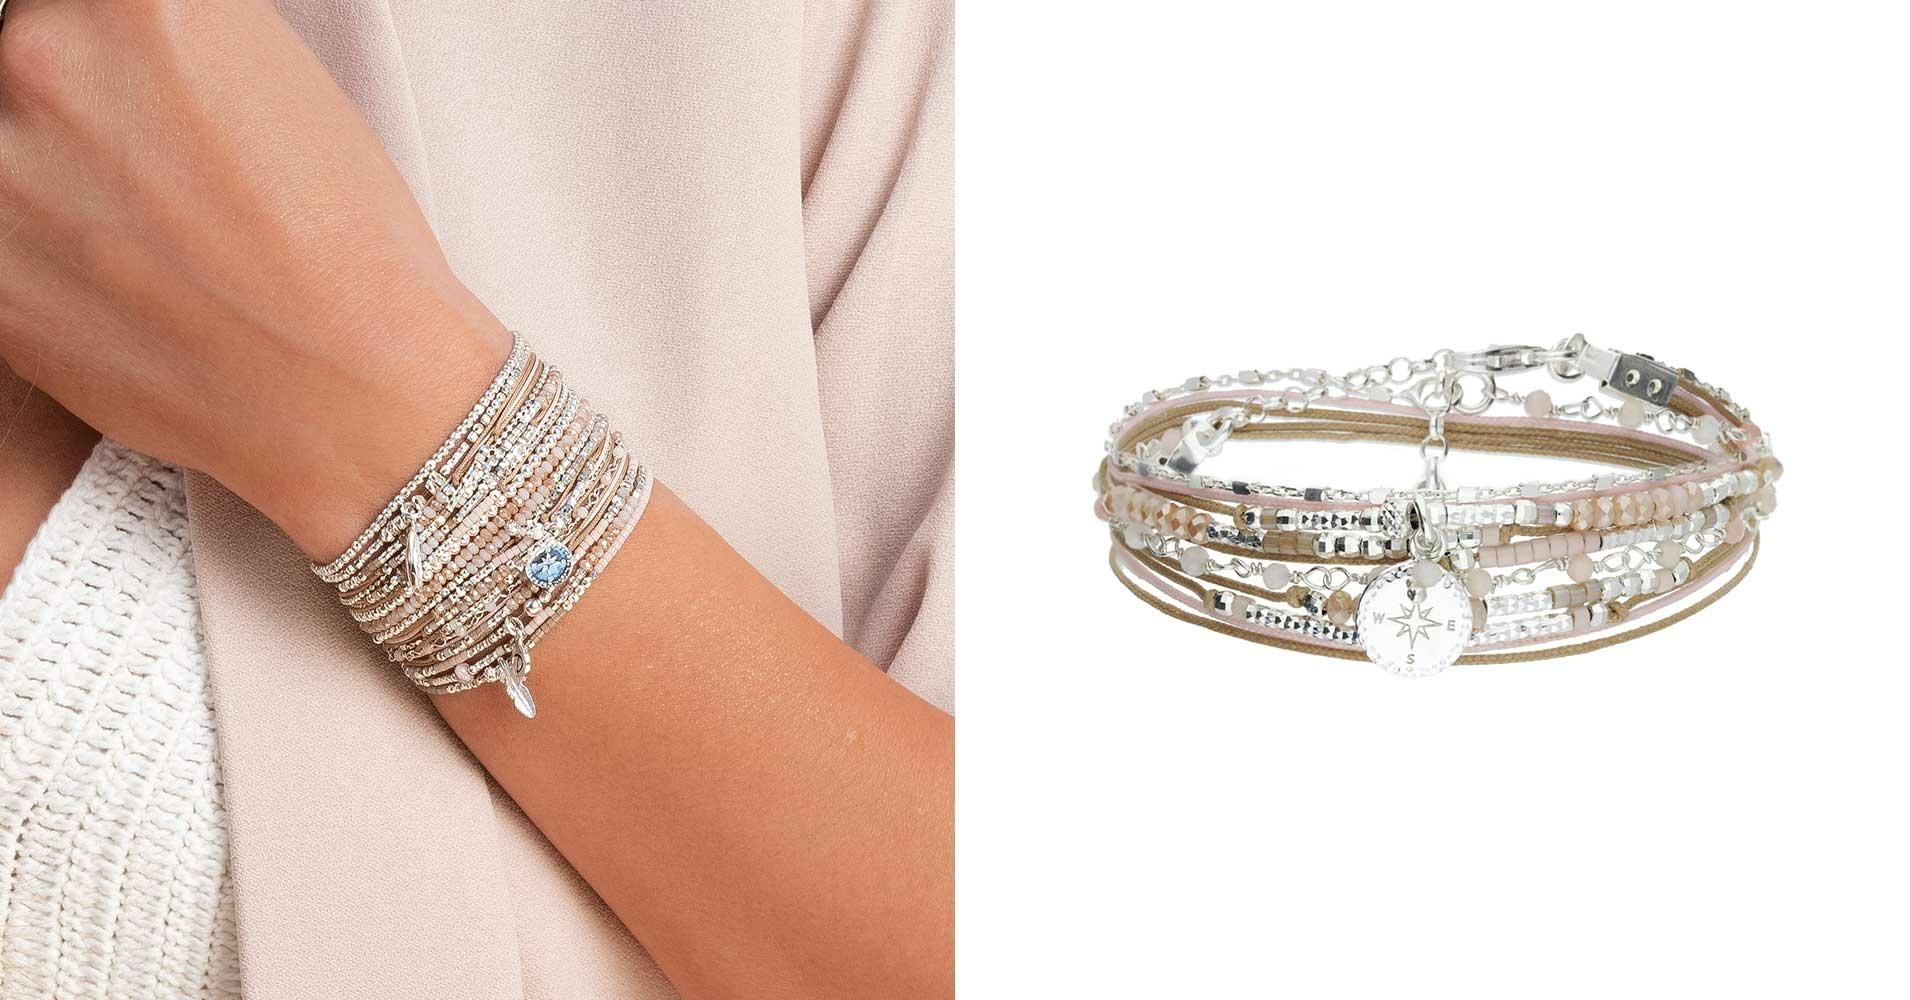 acheter réel conception populaire ordre BRACELETS - Bracelets Multi-Tours - DORIANE Bijoux